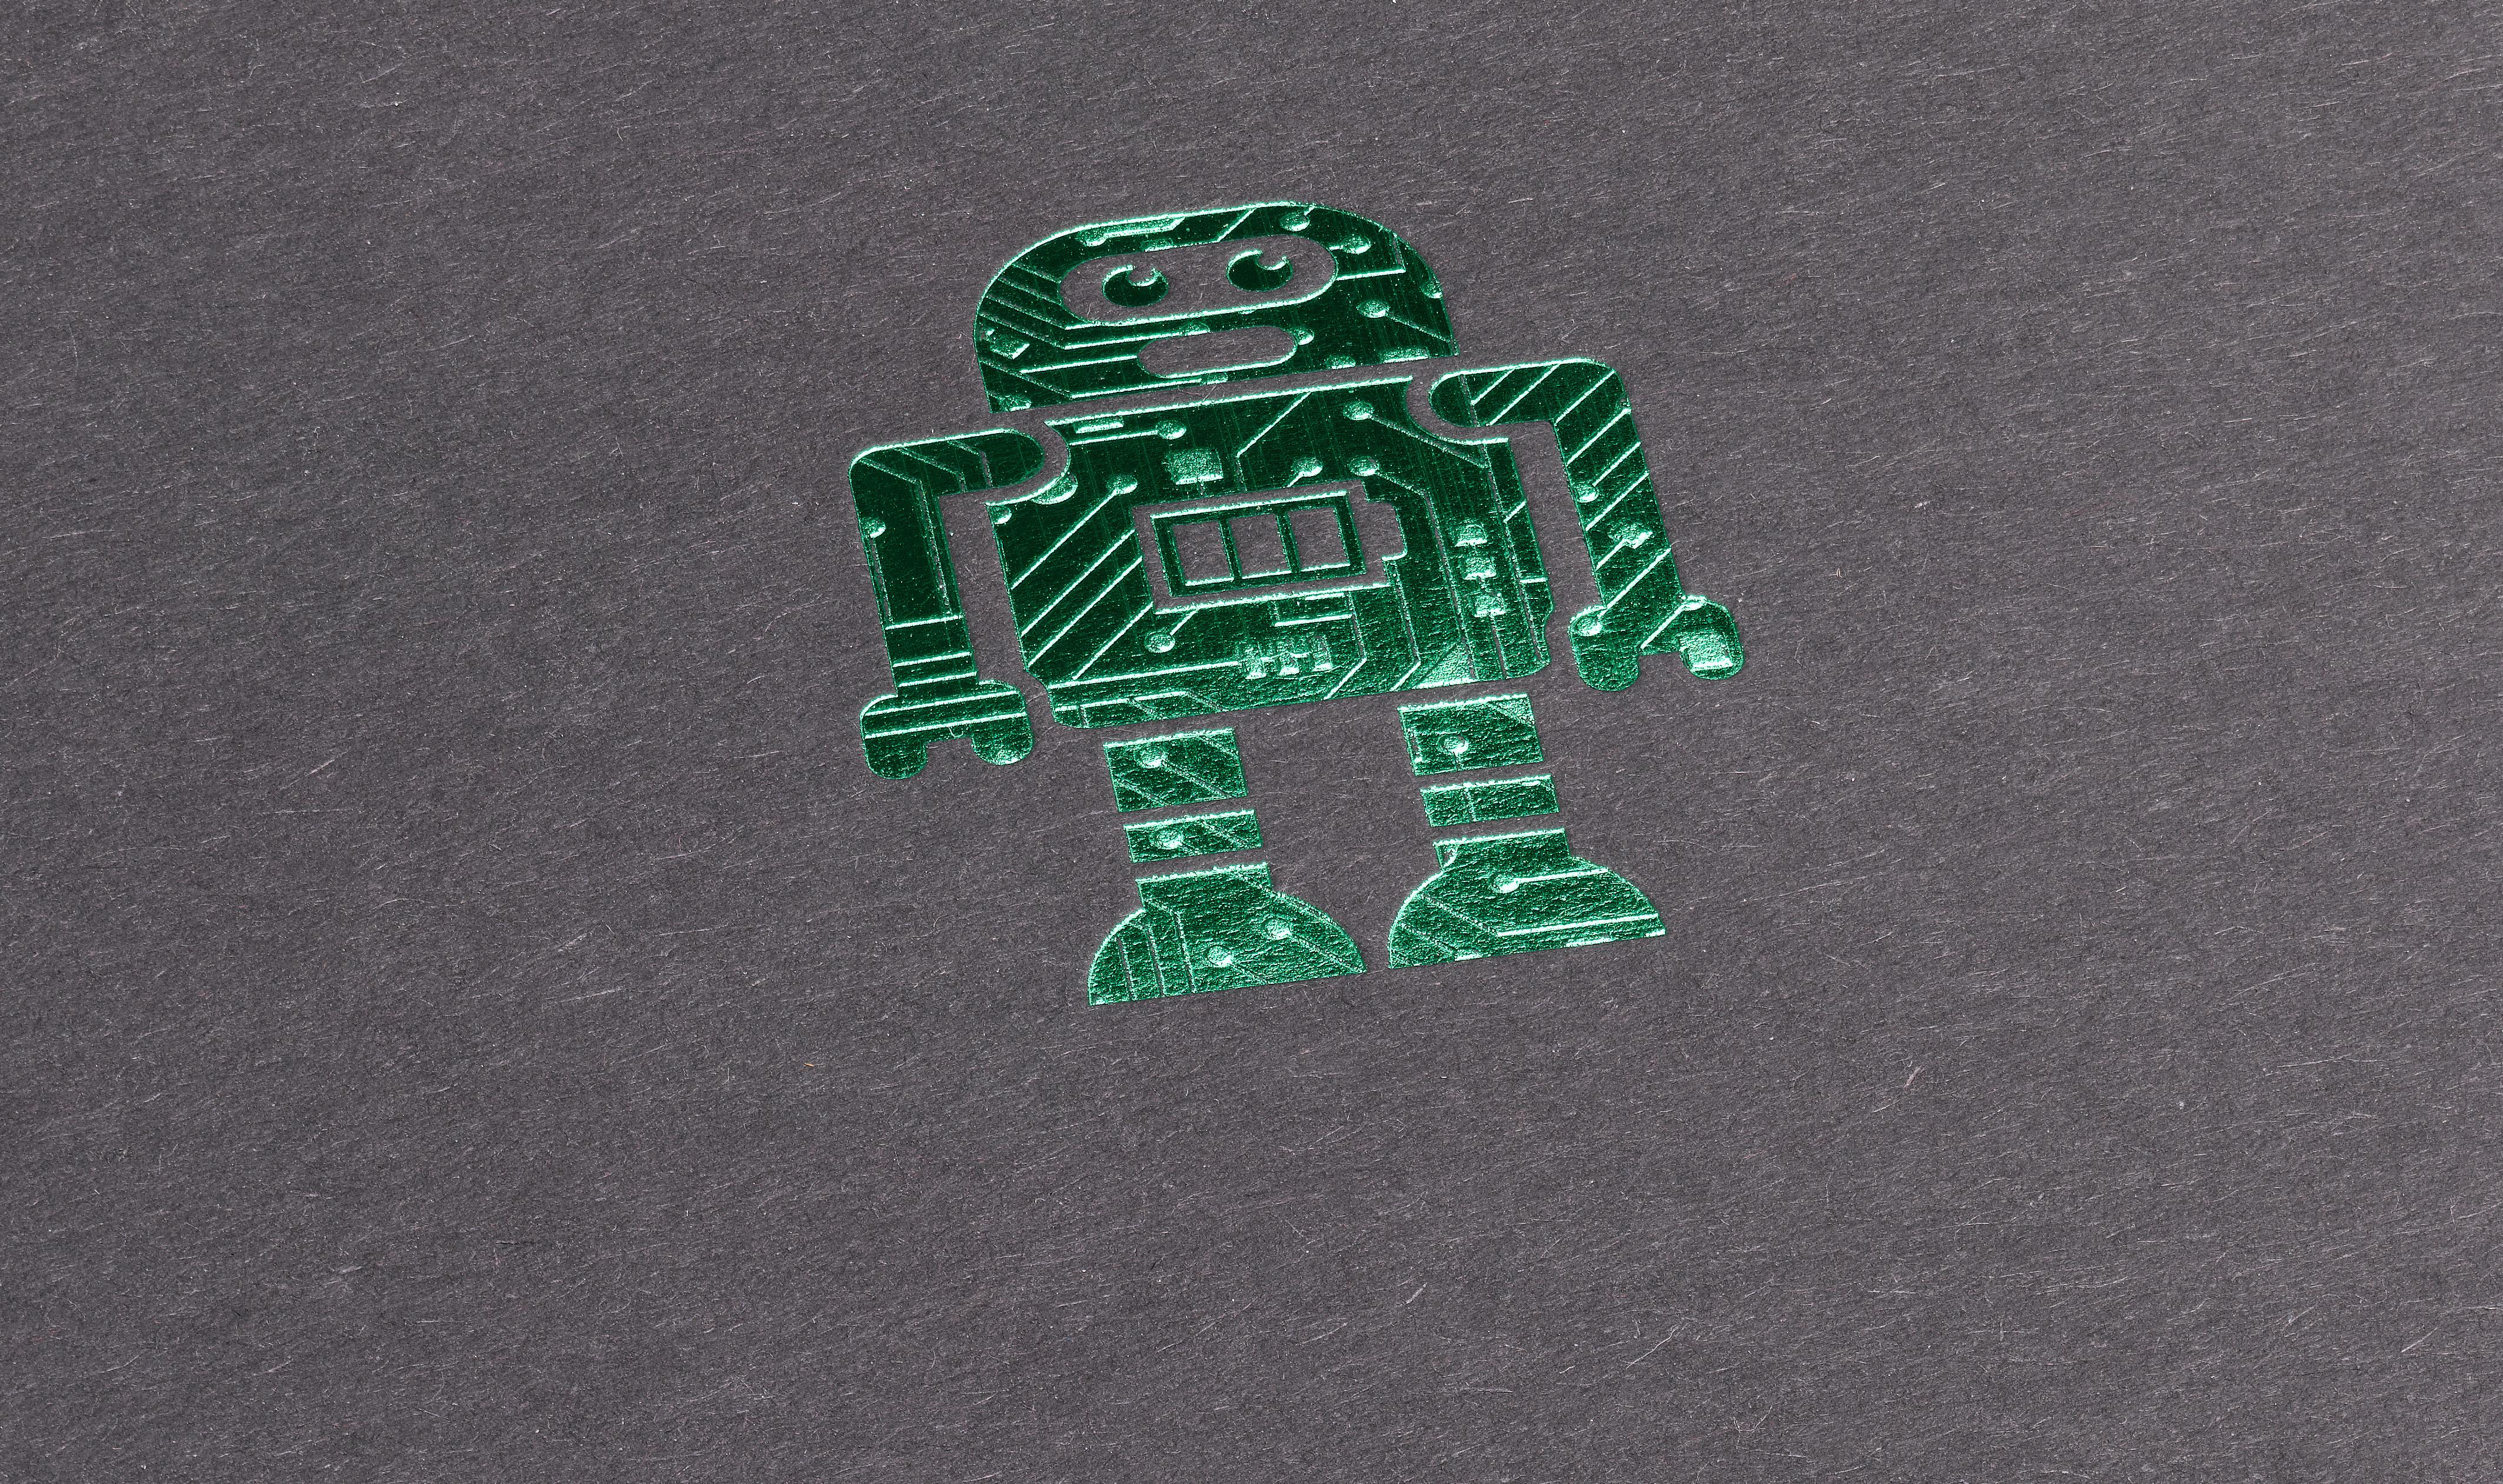 Prägefolie_Roboter grün